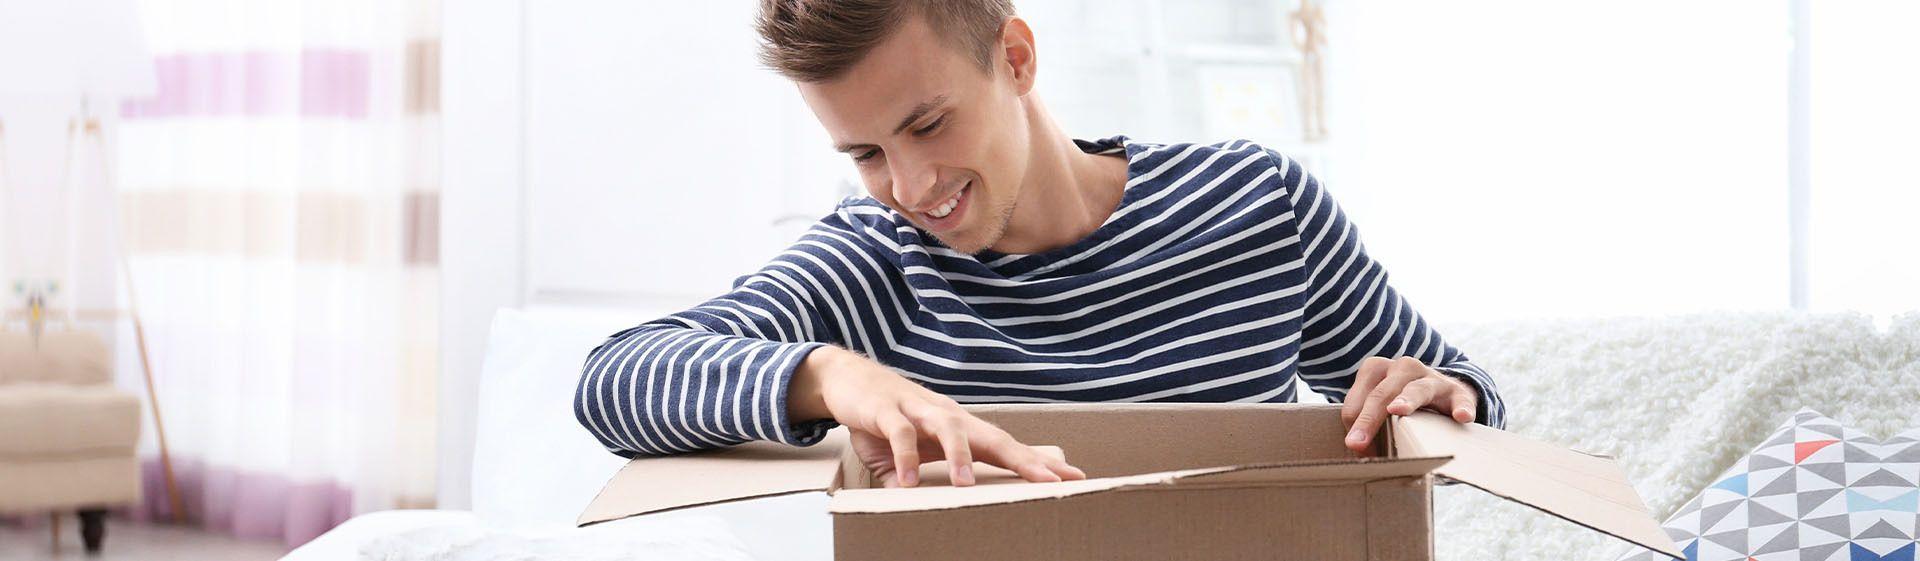 Veja como garantir uma compra segura